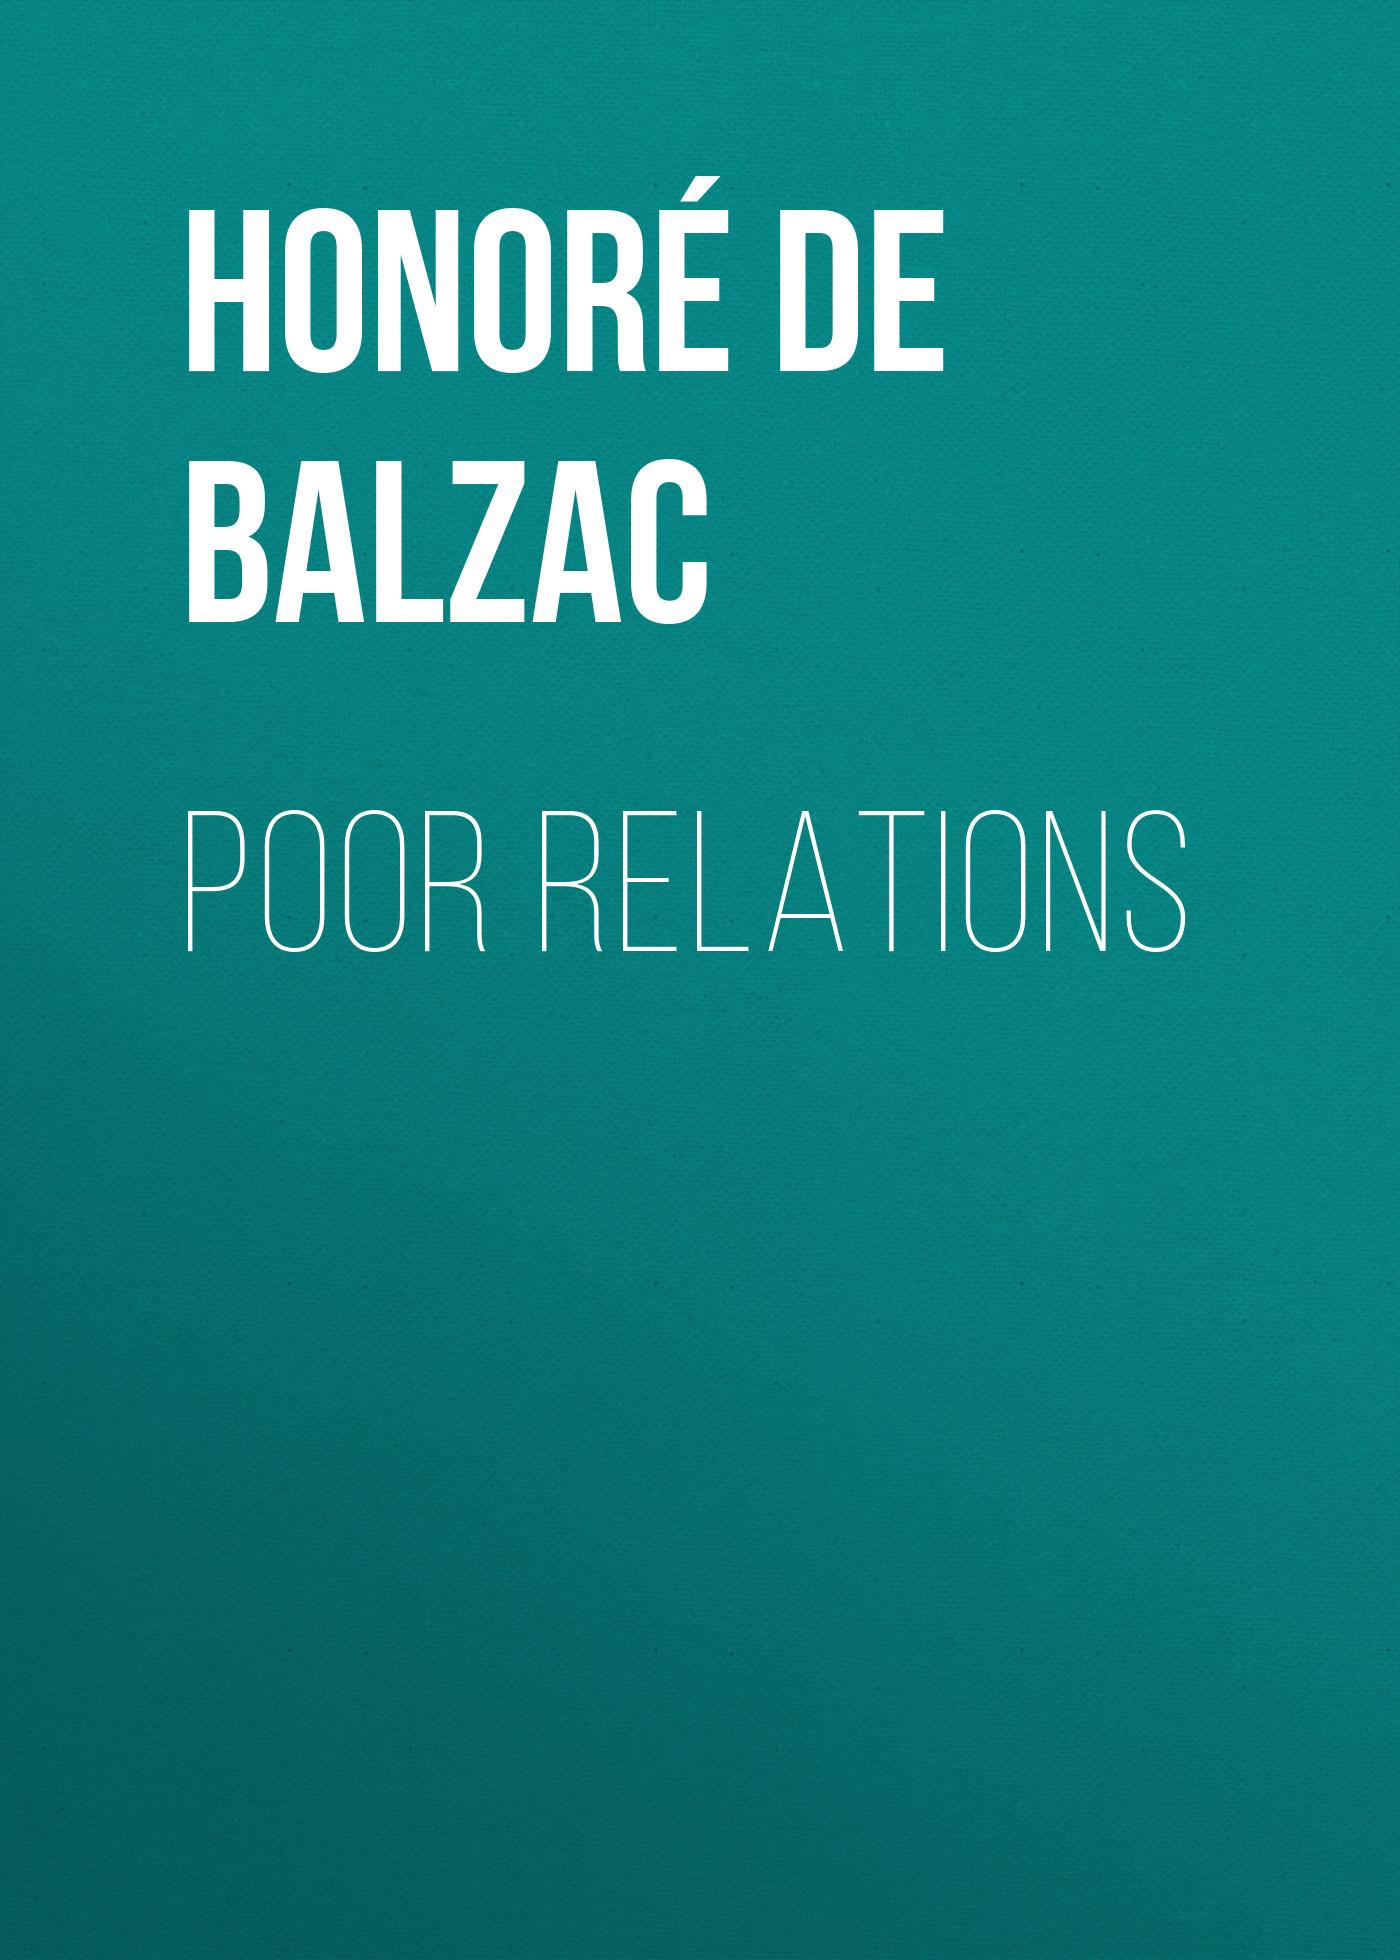 Оноре де Бальзак Poor Relations queer international relations